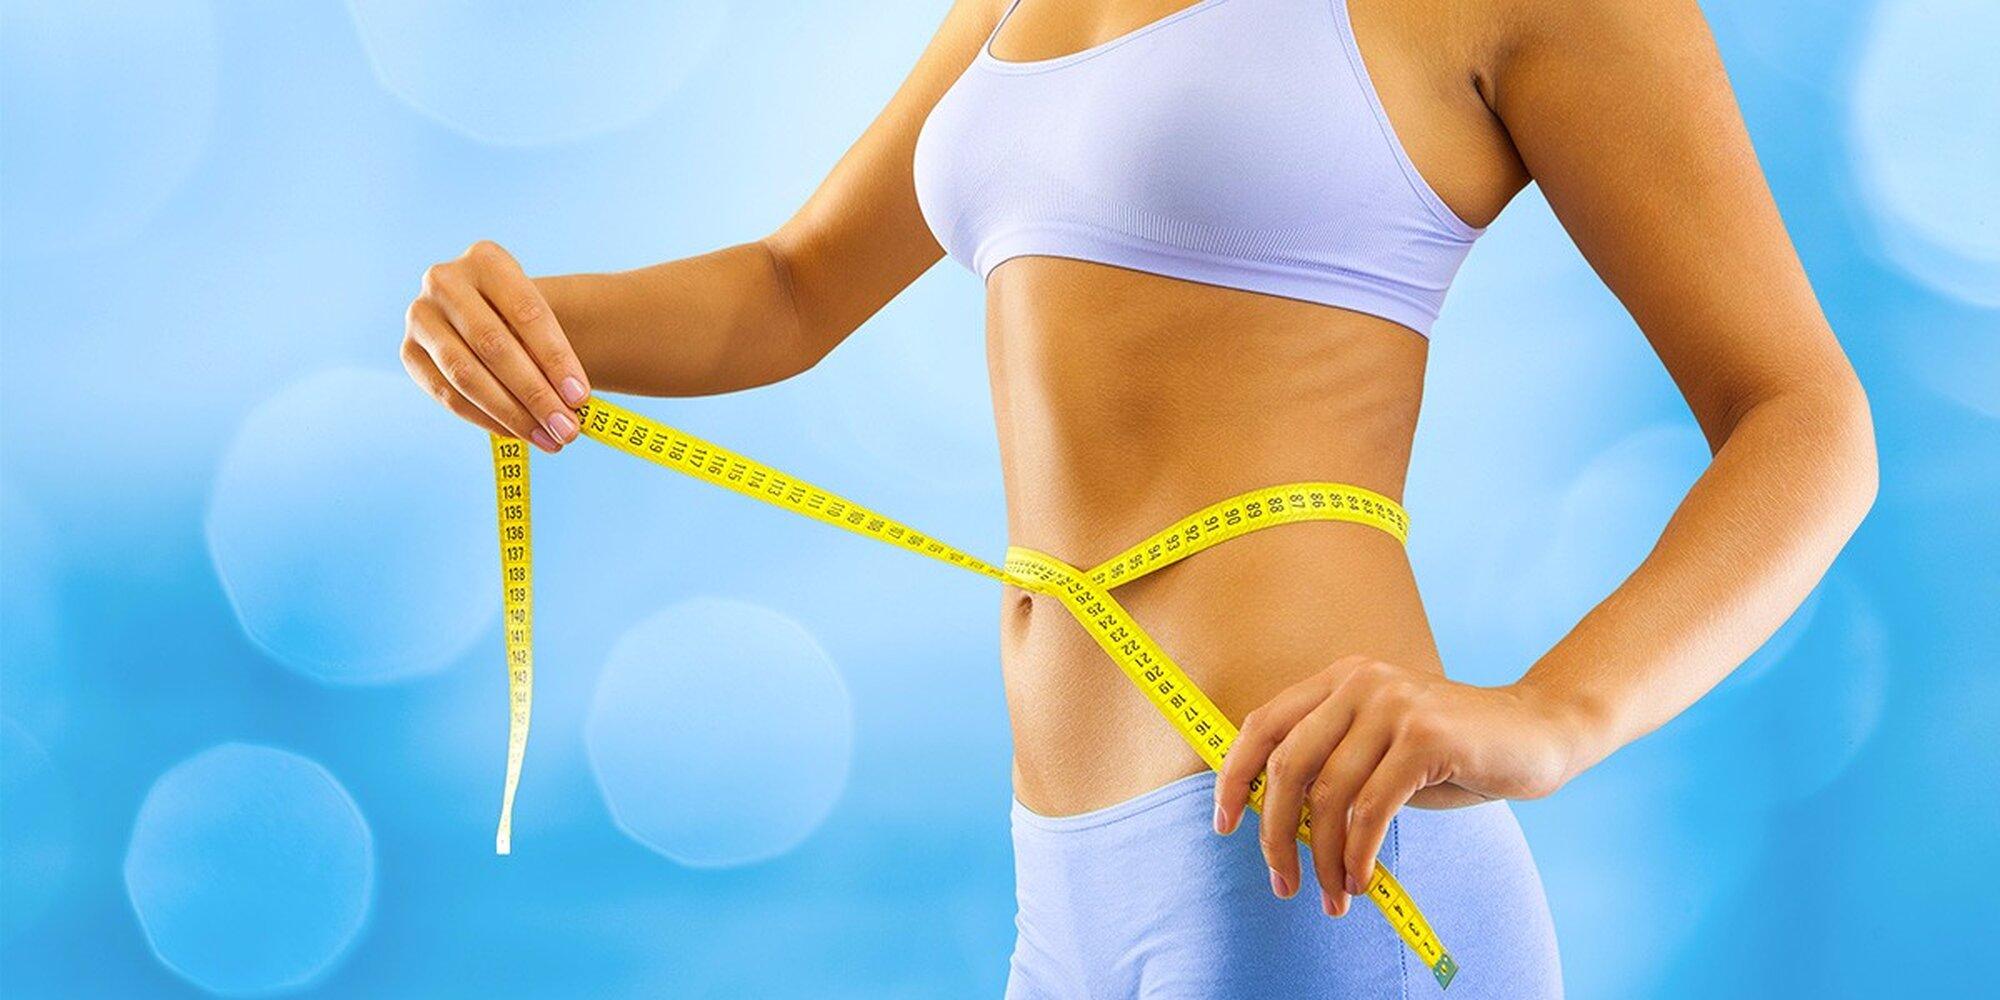 Похудеть за 6 недель